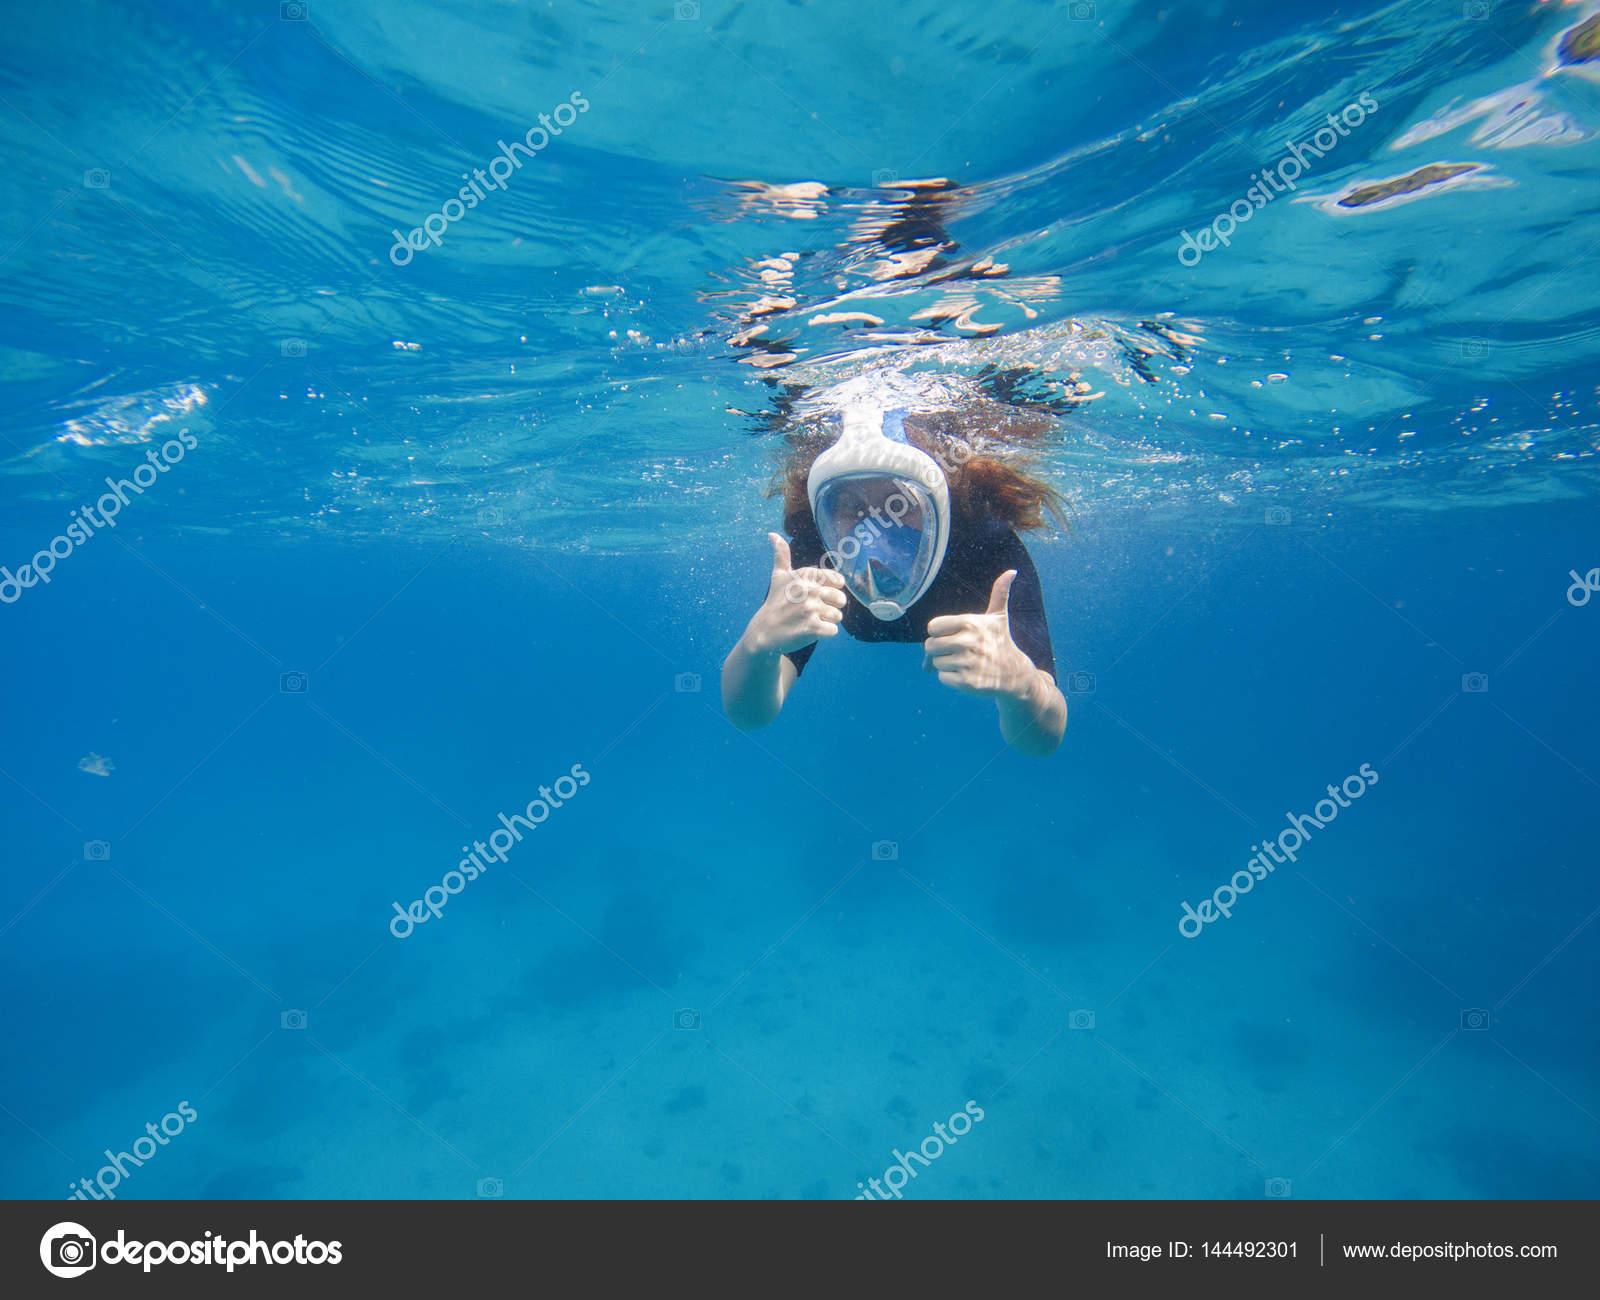 990bed941 Snorkel feminino em máscara facial e nade engrenagem. Retrato subaquático  de natação garota mostrando os polegares. Mergulho no mar tropical.